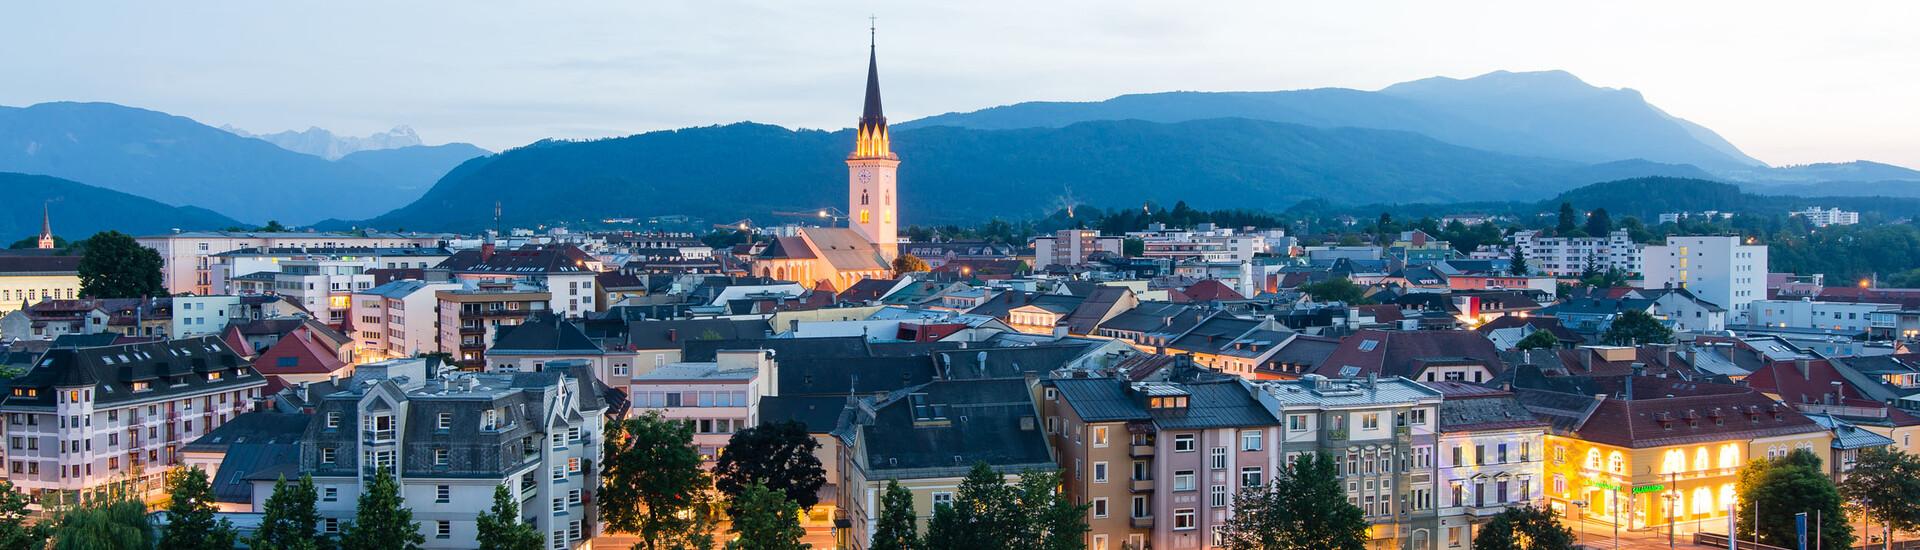 Die Drau und die Stadt Villach nahe des Hotels eduCARE